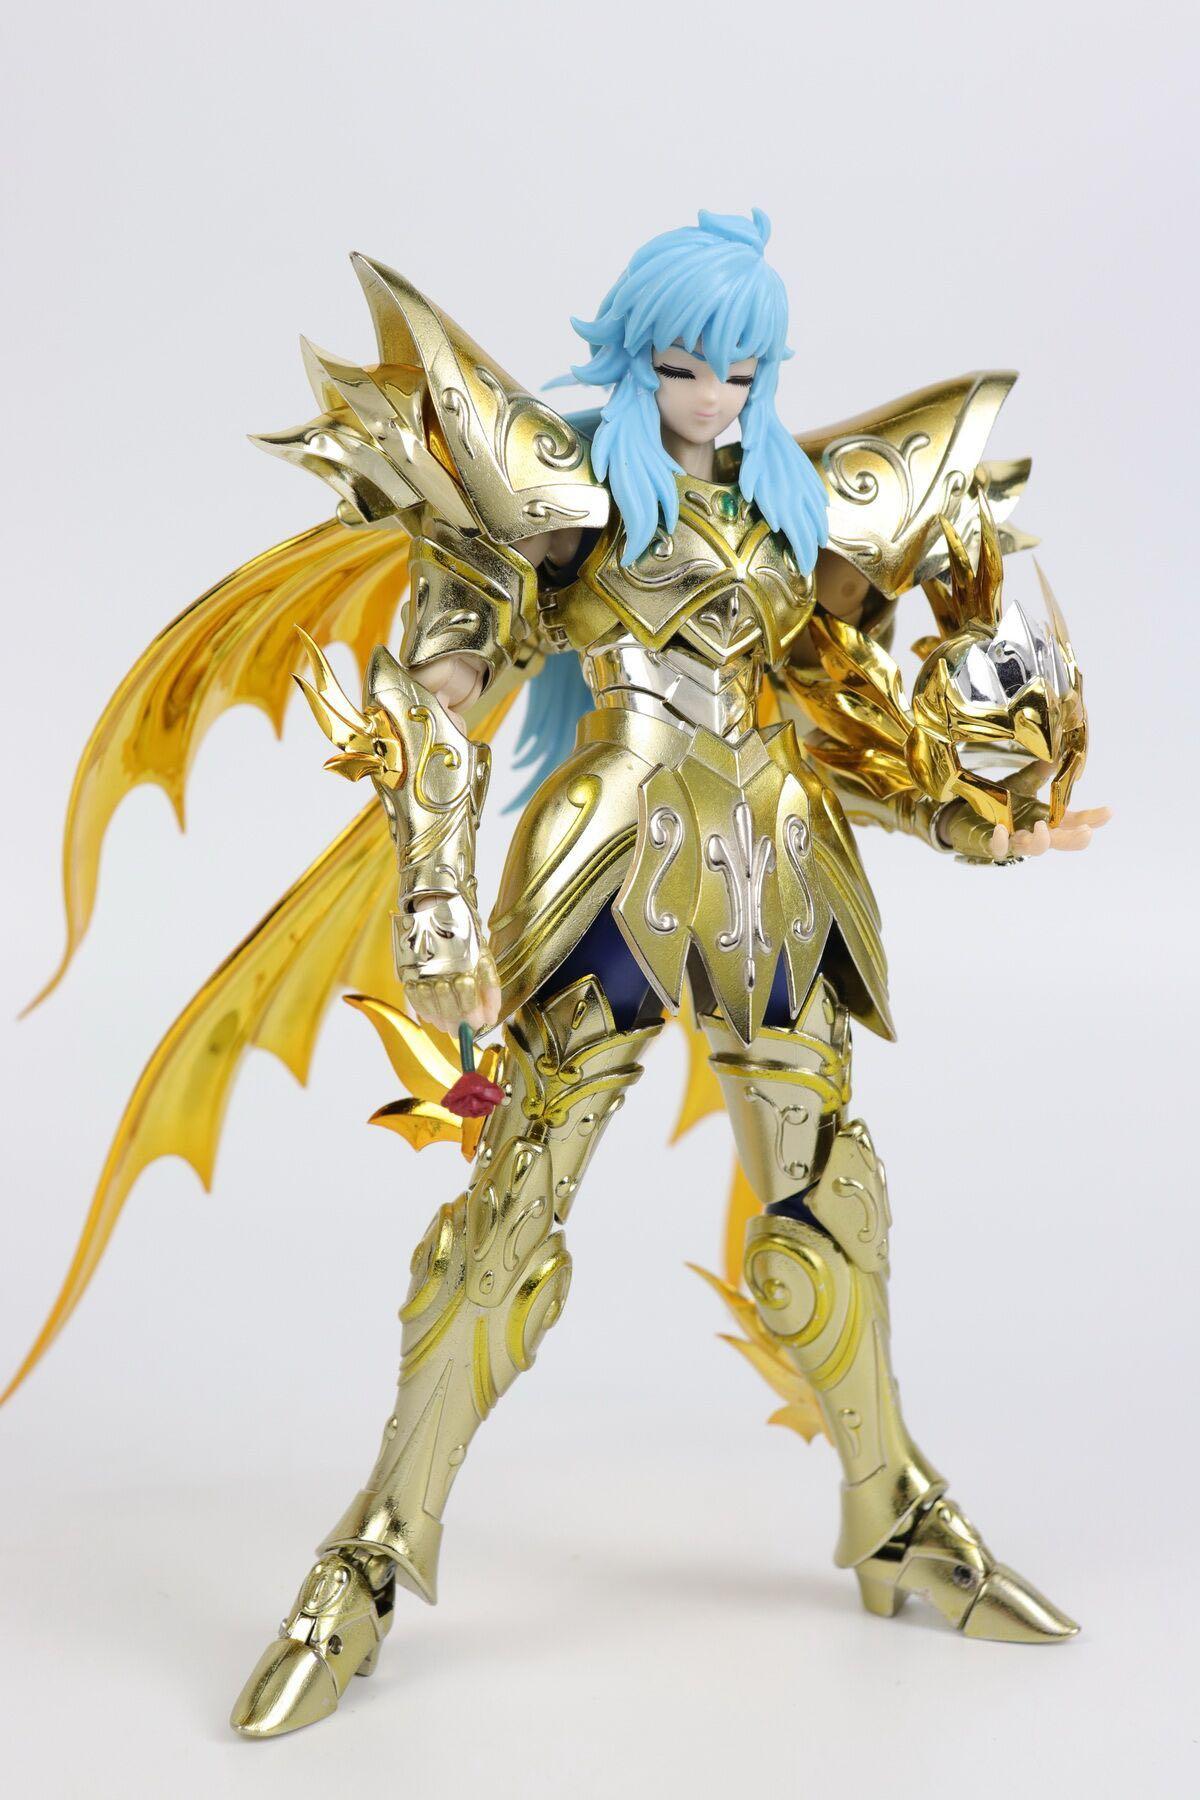 Em estoque CS Model CSModel Saint Seiya Myth Cloth Soul of God SOG ex peixes aphrodite figura de ação